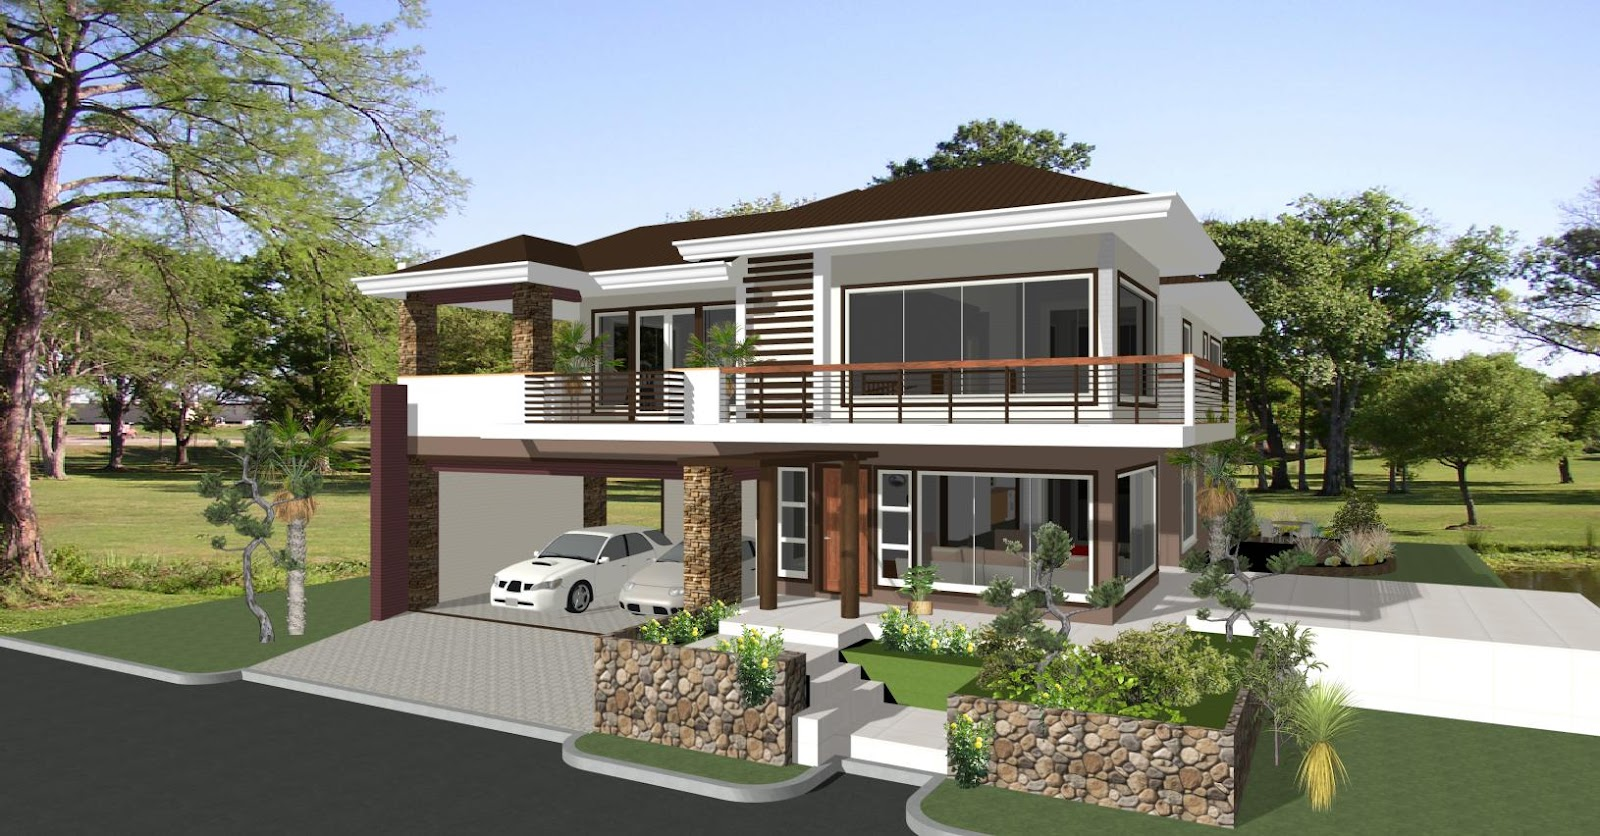 Best Kitchen Gallery: Philippine Architecture House Design Home Design Ideas of Best Home Designer  on rachelxblog.com